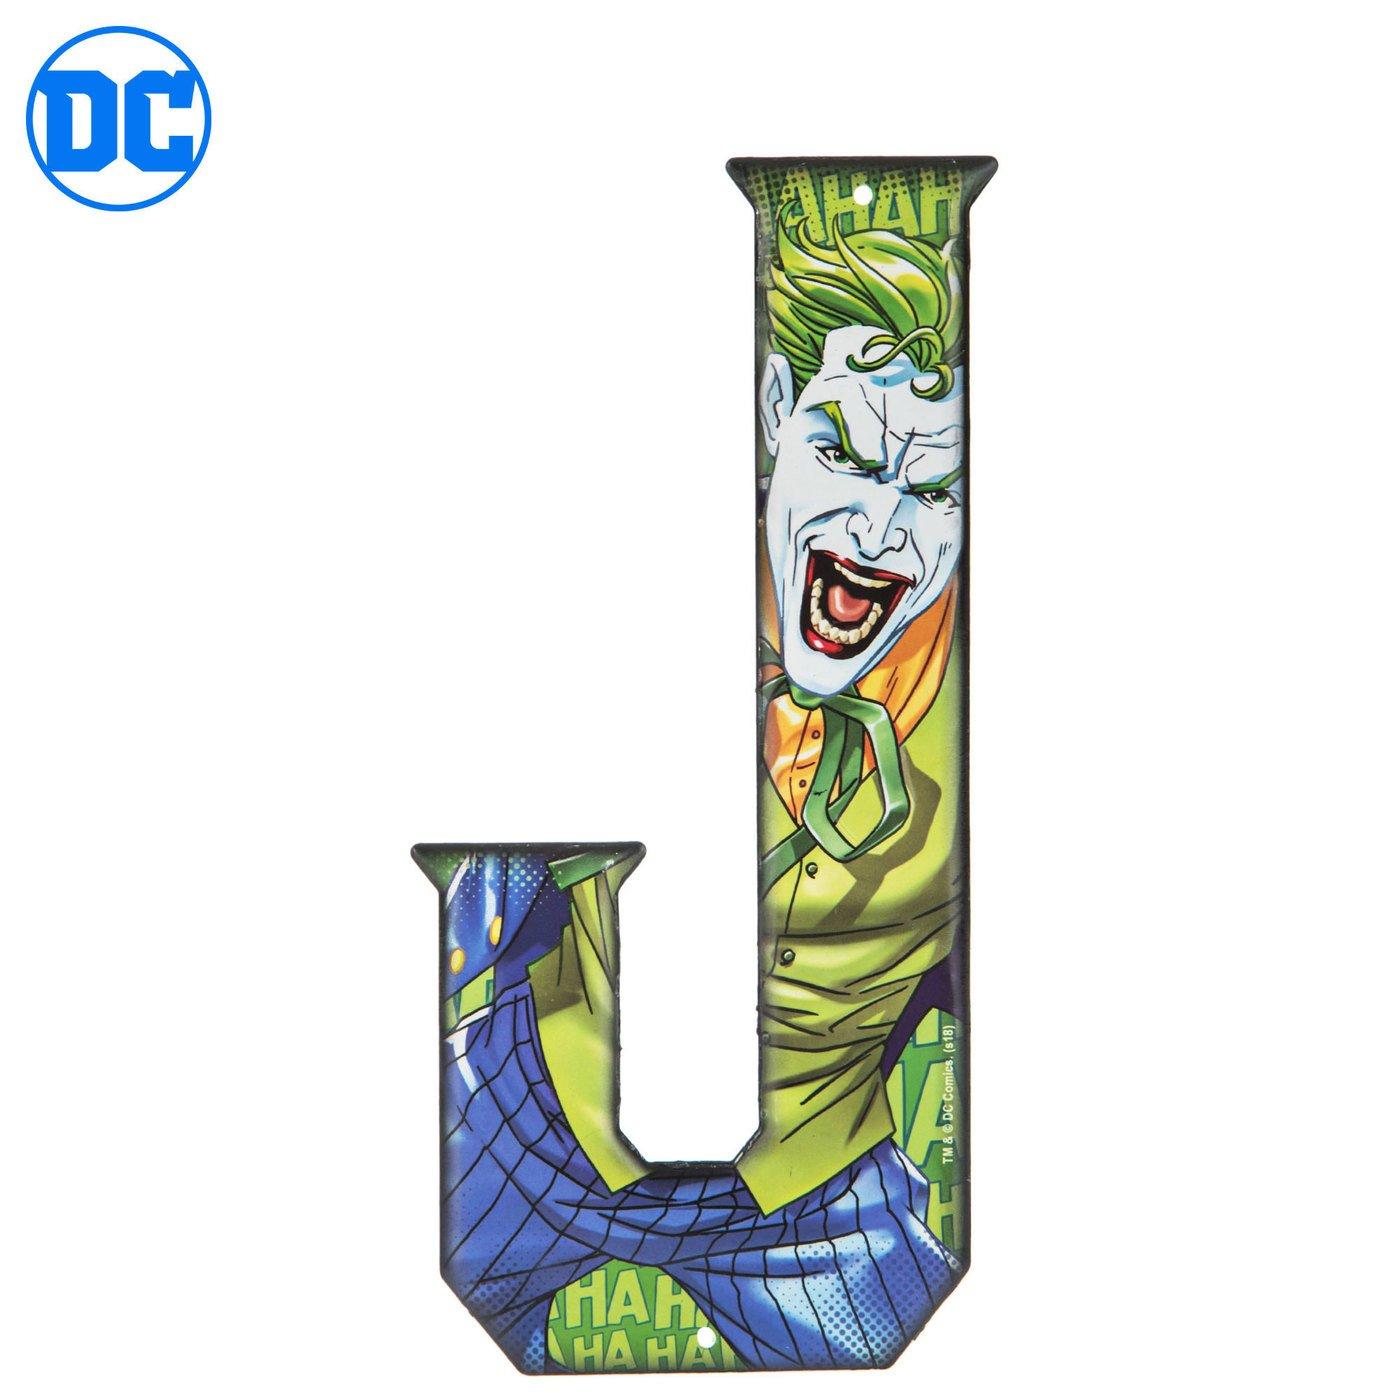 Superhero Letter Metal Wall Decor Marvel and DC Comic Letters (J) Joker Avengers